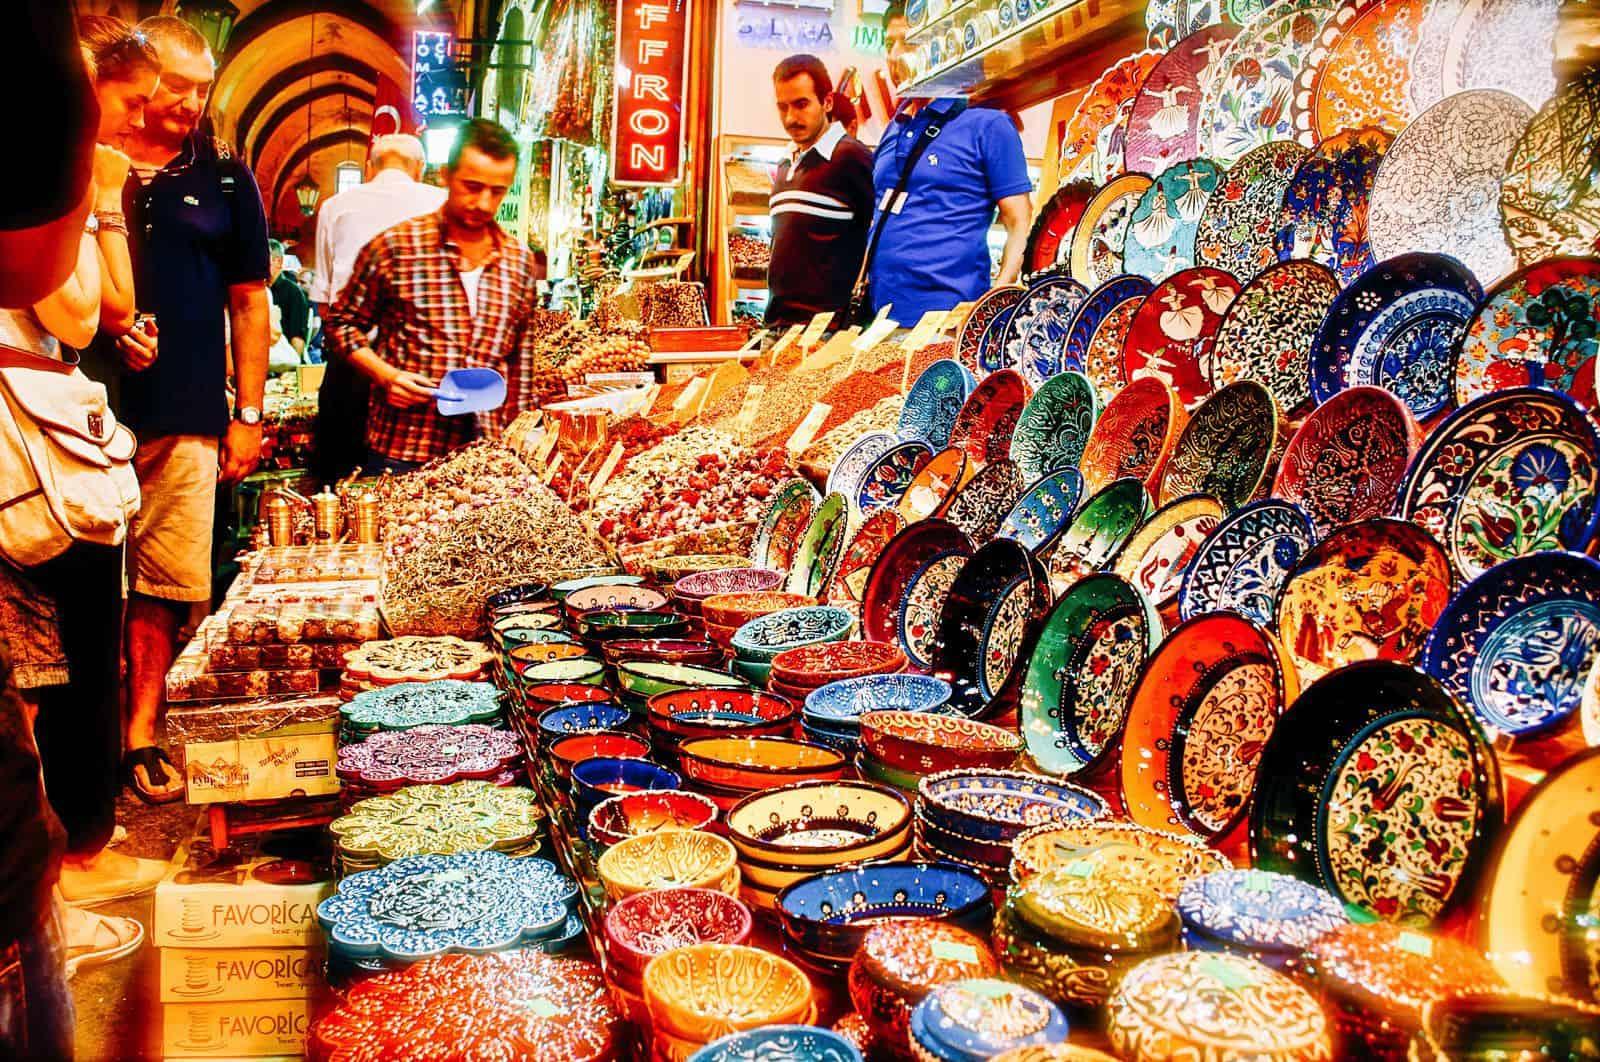 محلات لأعشاب بالسوق المصري